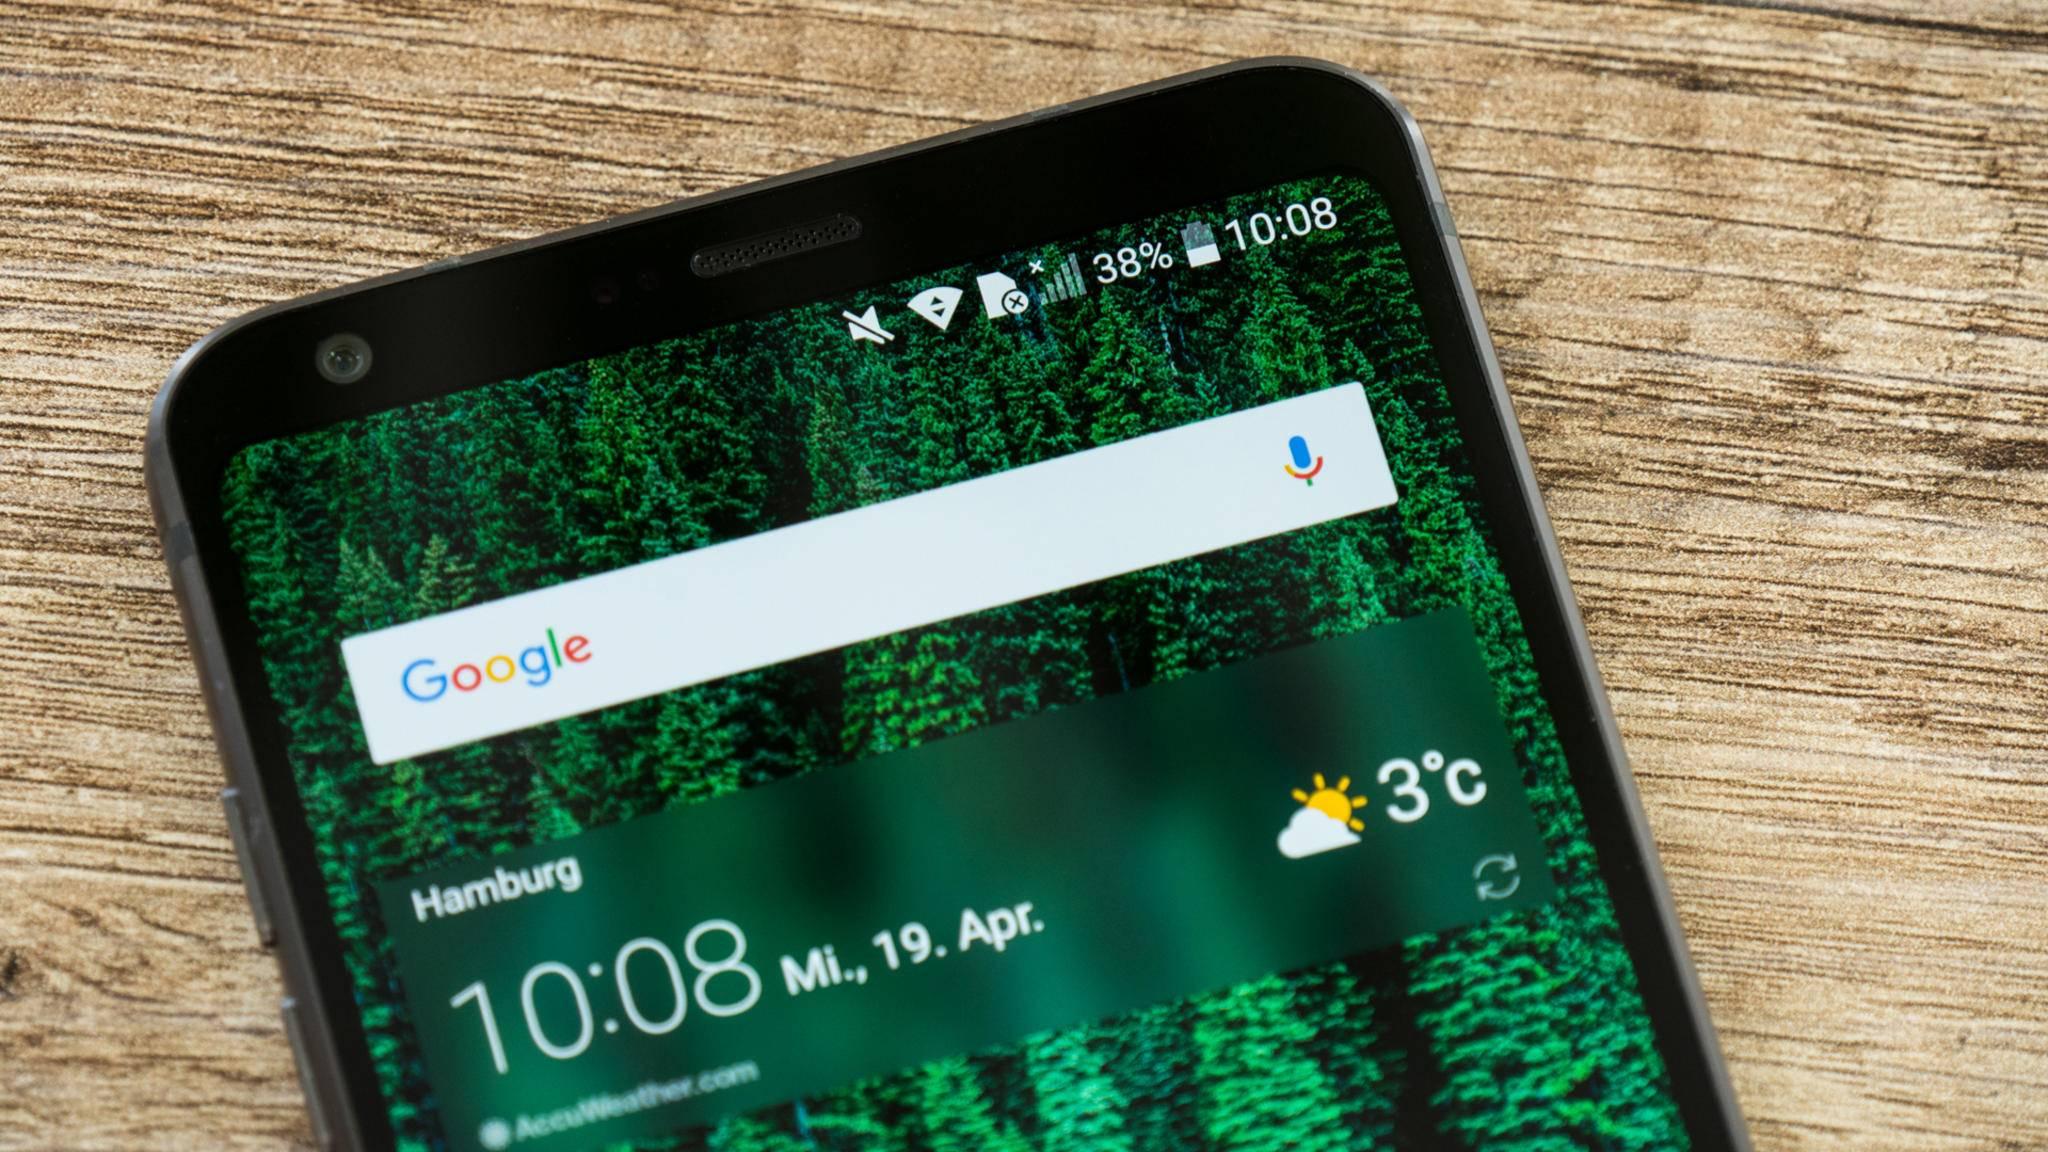 Die Statusleiste zeigt die wichtigsten Infos zu einem Android-Gerät.